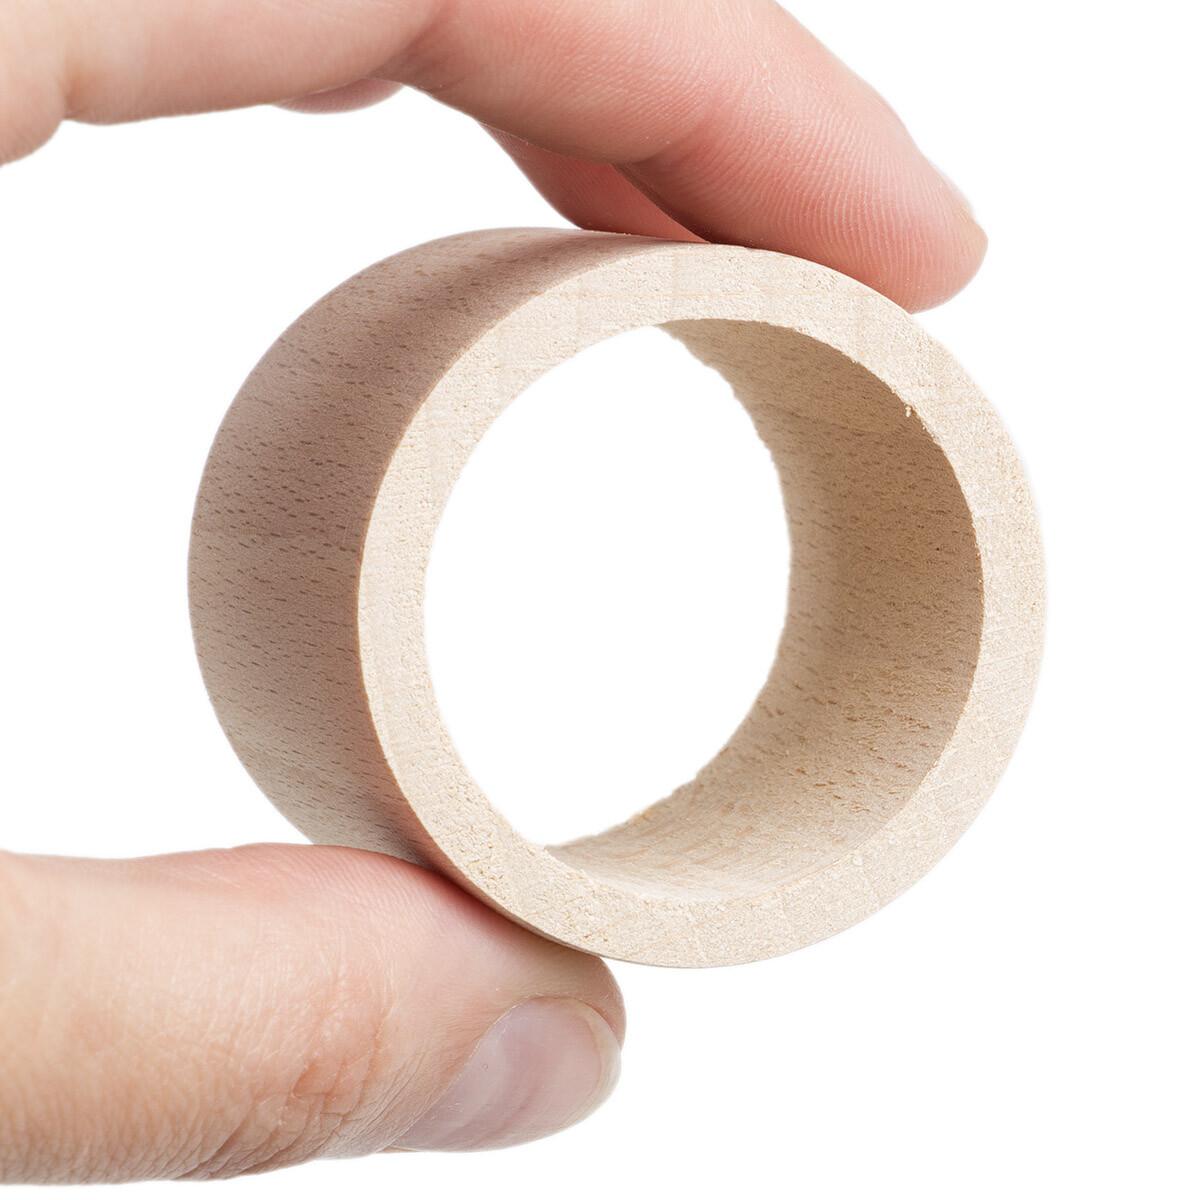 1 st ck holz servietten ring gerade form holz serviettenring ser. Black Bedroom Furniture Sets. Home Design Ideas